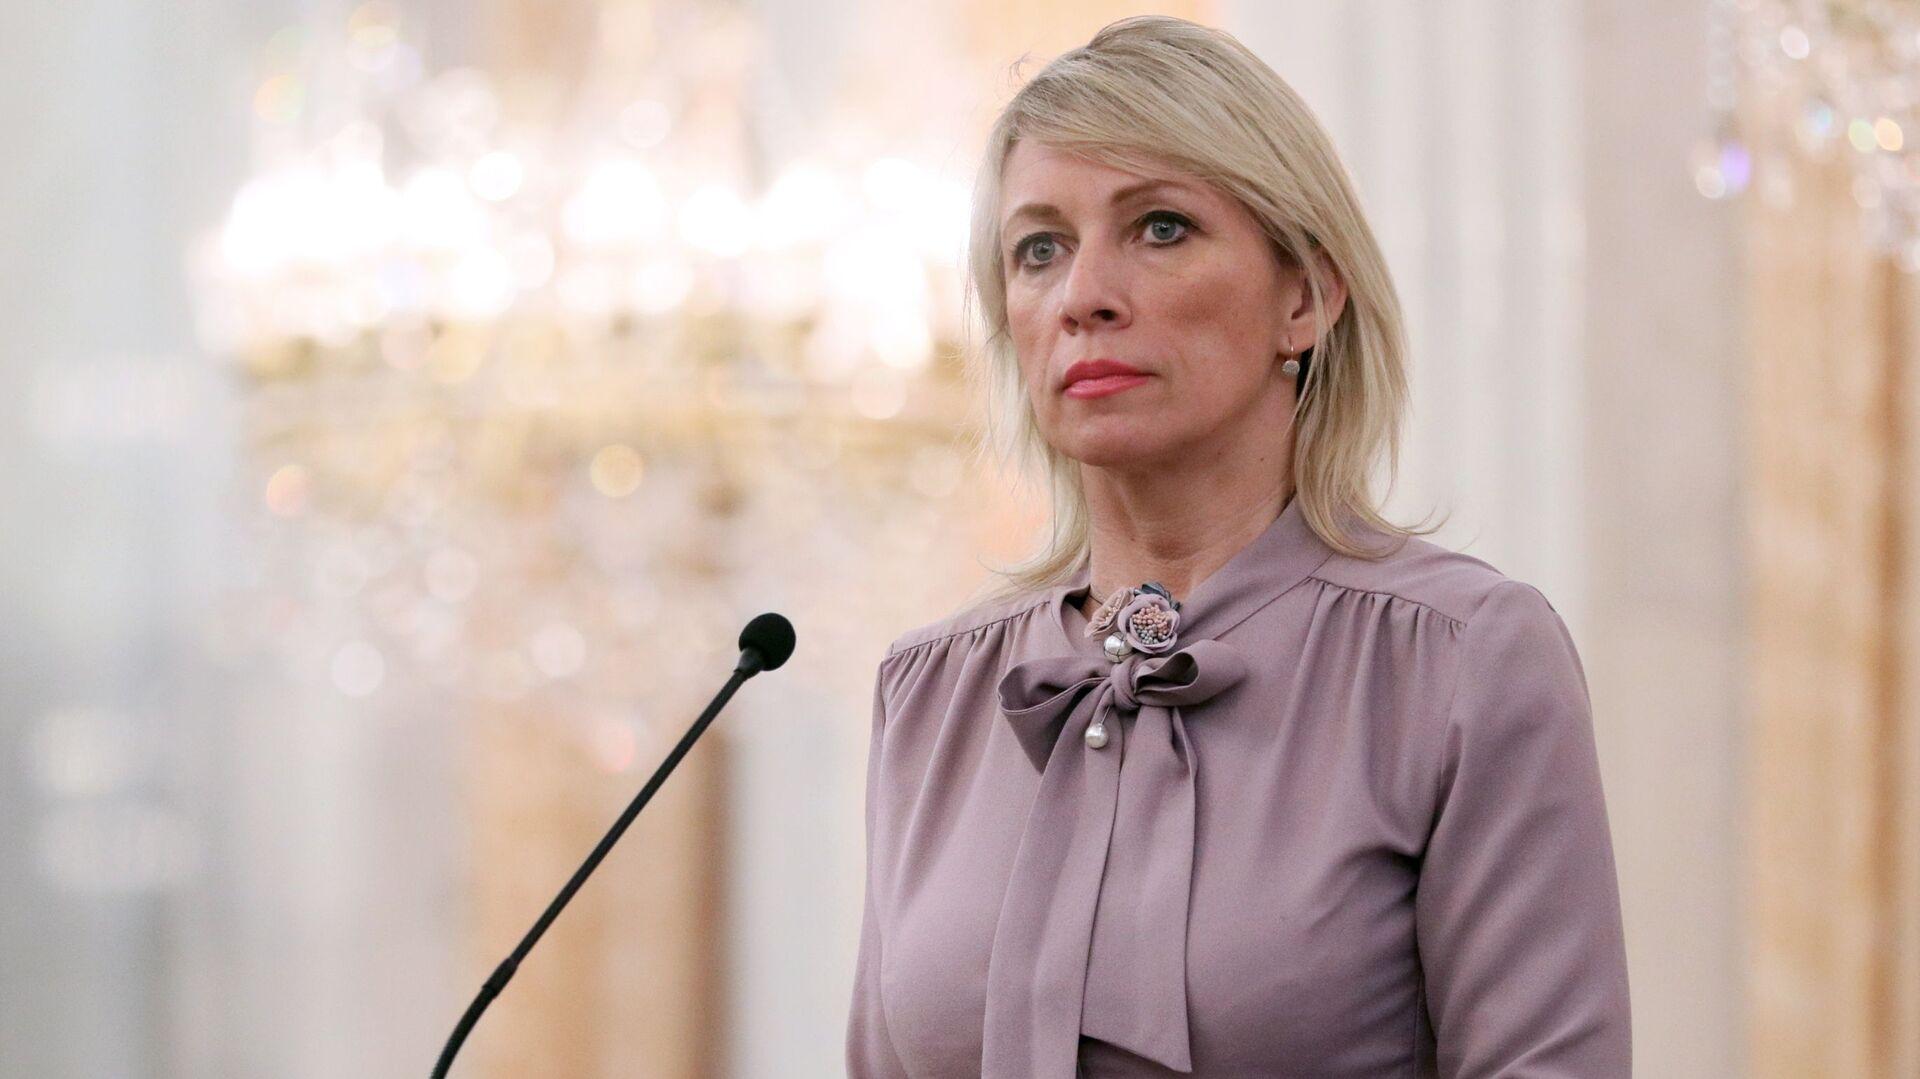 Официальный представитель Министерства иностранных дел России Мария Захарова  - Sputnik Таджикистан, 1920, 26.05.2021